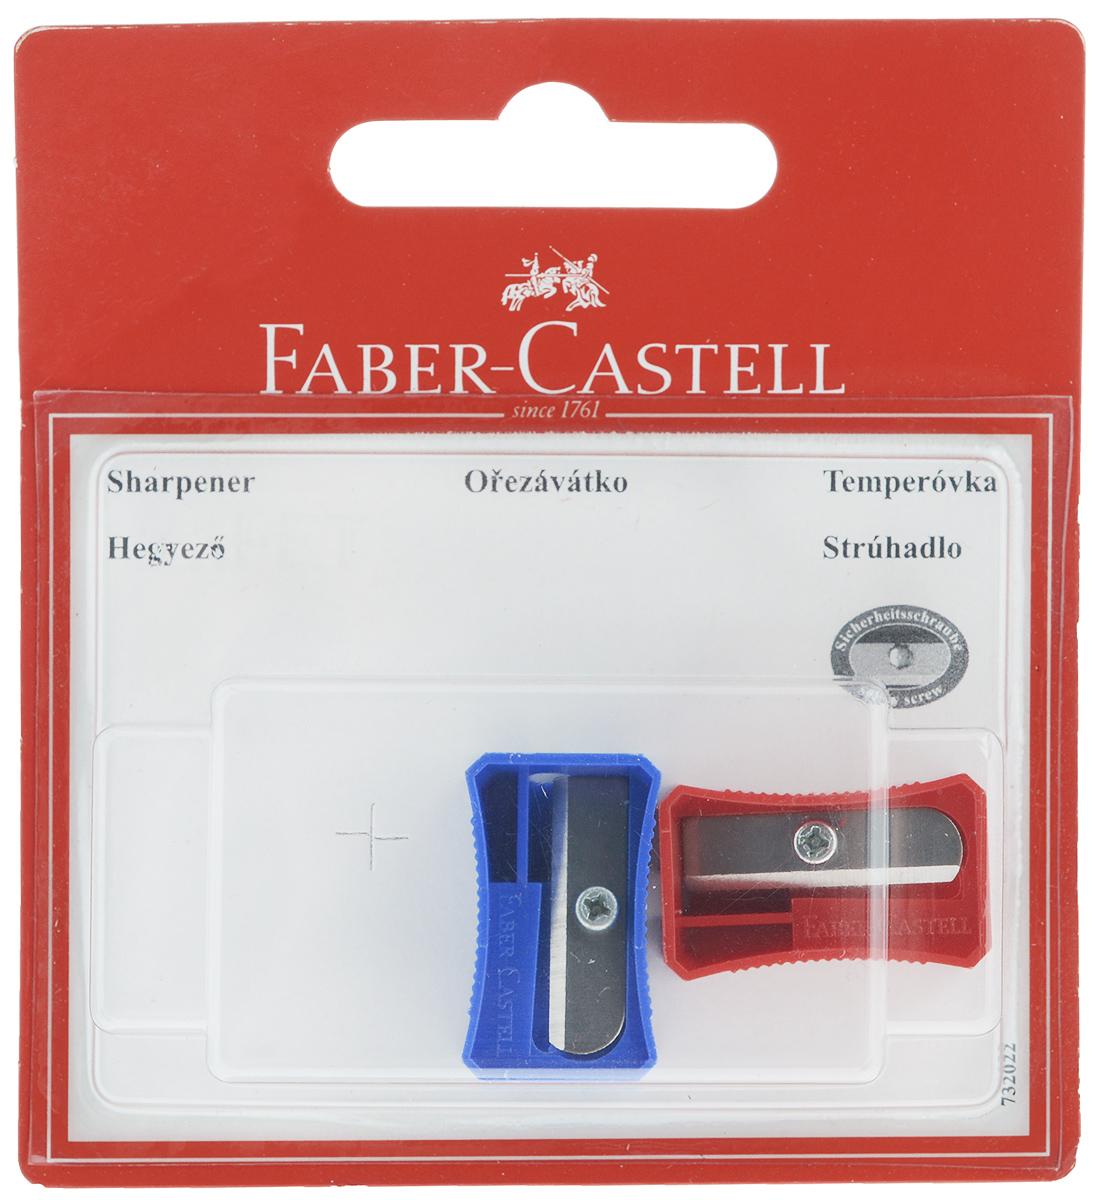 Faber-Castell Точилка цвет синий красный 2 шт263221_синий, красныйНабор точилок Faber-Castell предназначен для затачивания классических простых и цветных карандашей. В наборе две точилки из прочного пластика с рифленой областью захвата. Острые стальные лезвия обеспечивают высококачественную и точную заточку деревянных карандашей.